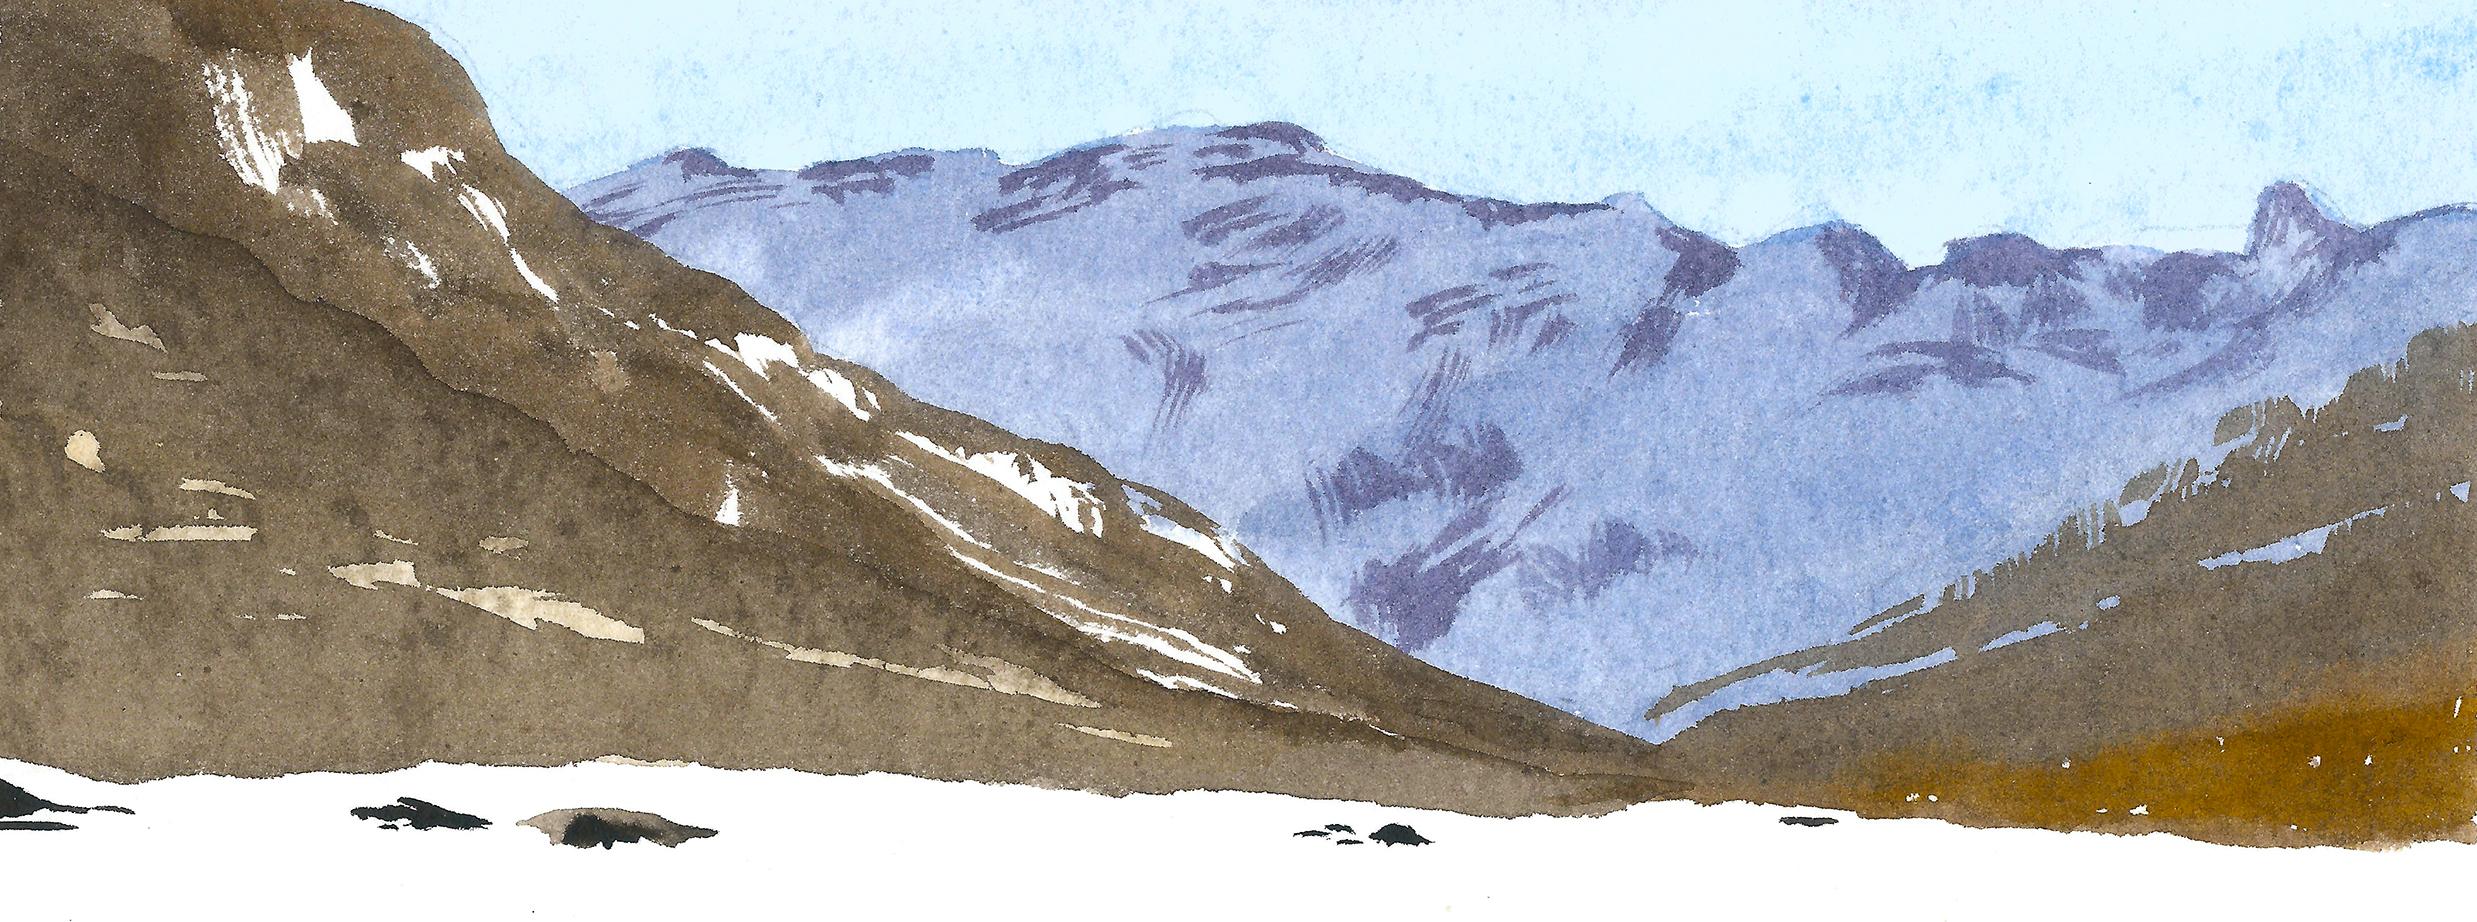 Valle-dei-dinosauri-home